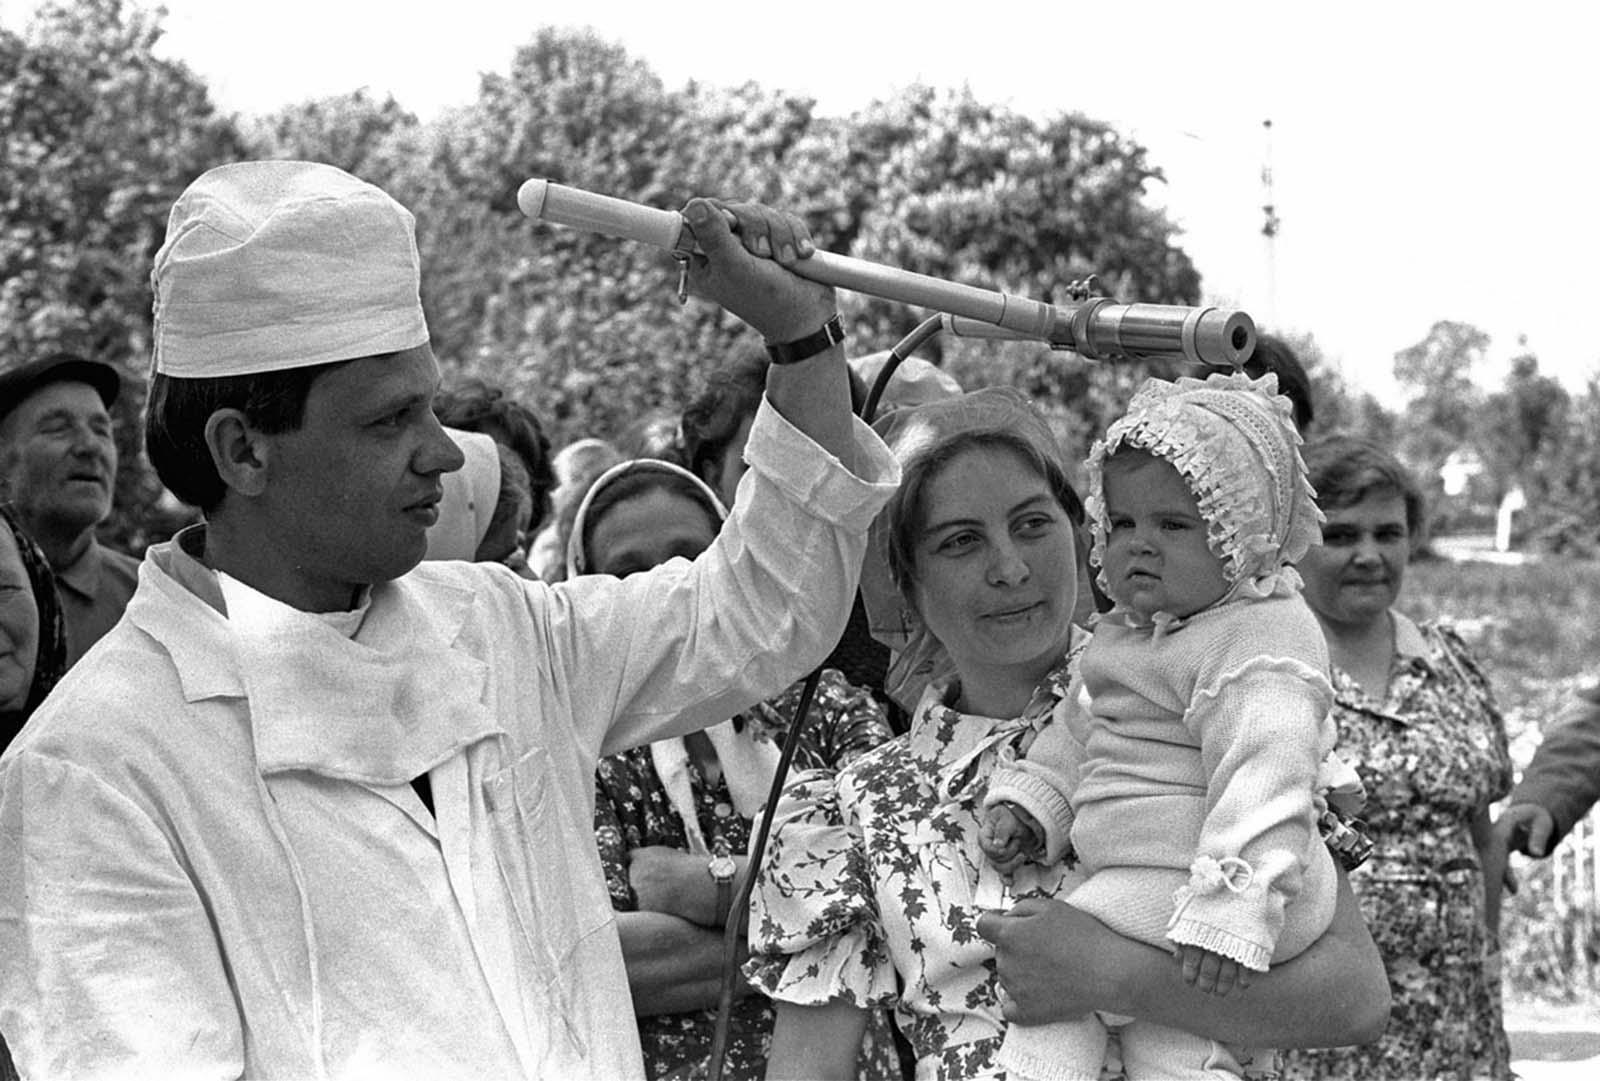 9 май 1986 г.: Съветски техник проверява бебе (Катя Литвинова) за радиокативно облъчване в село в близост да Киев.